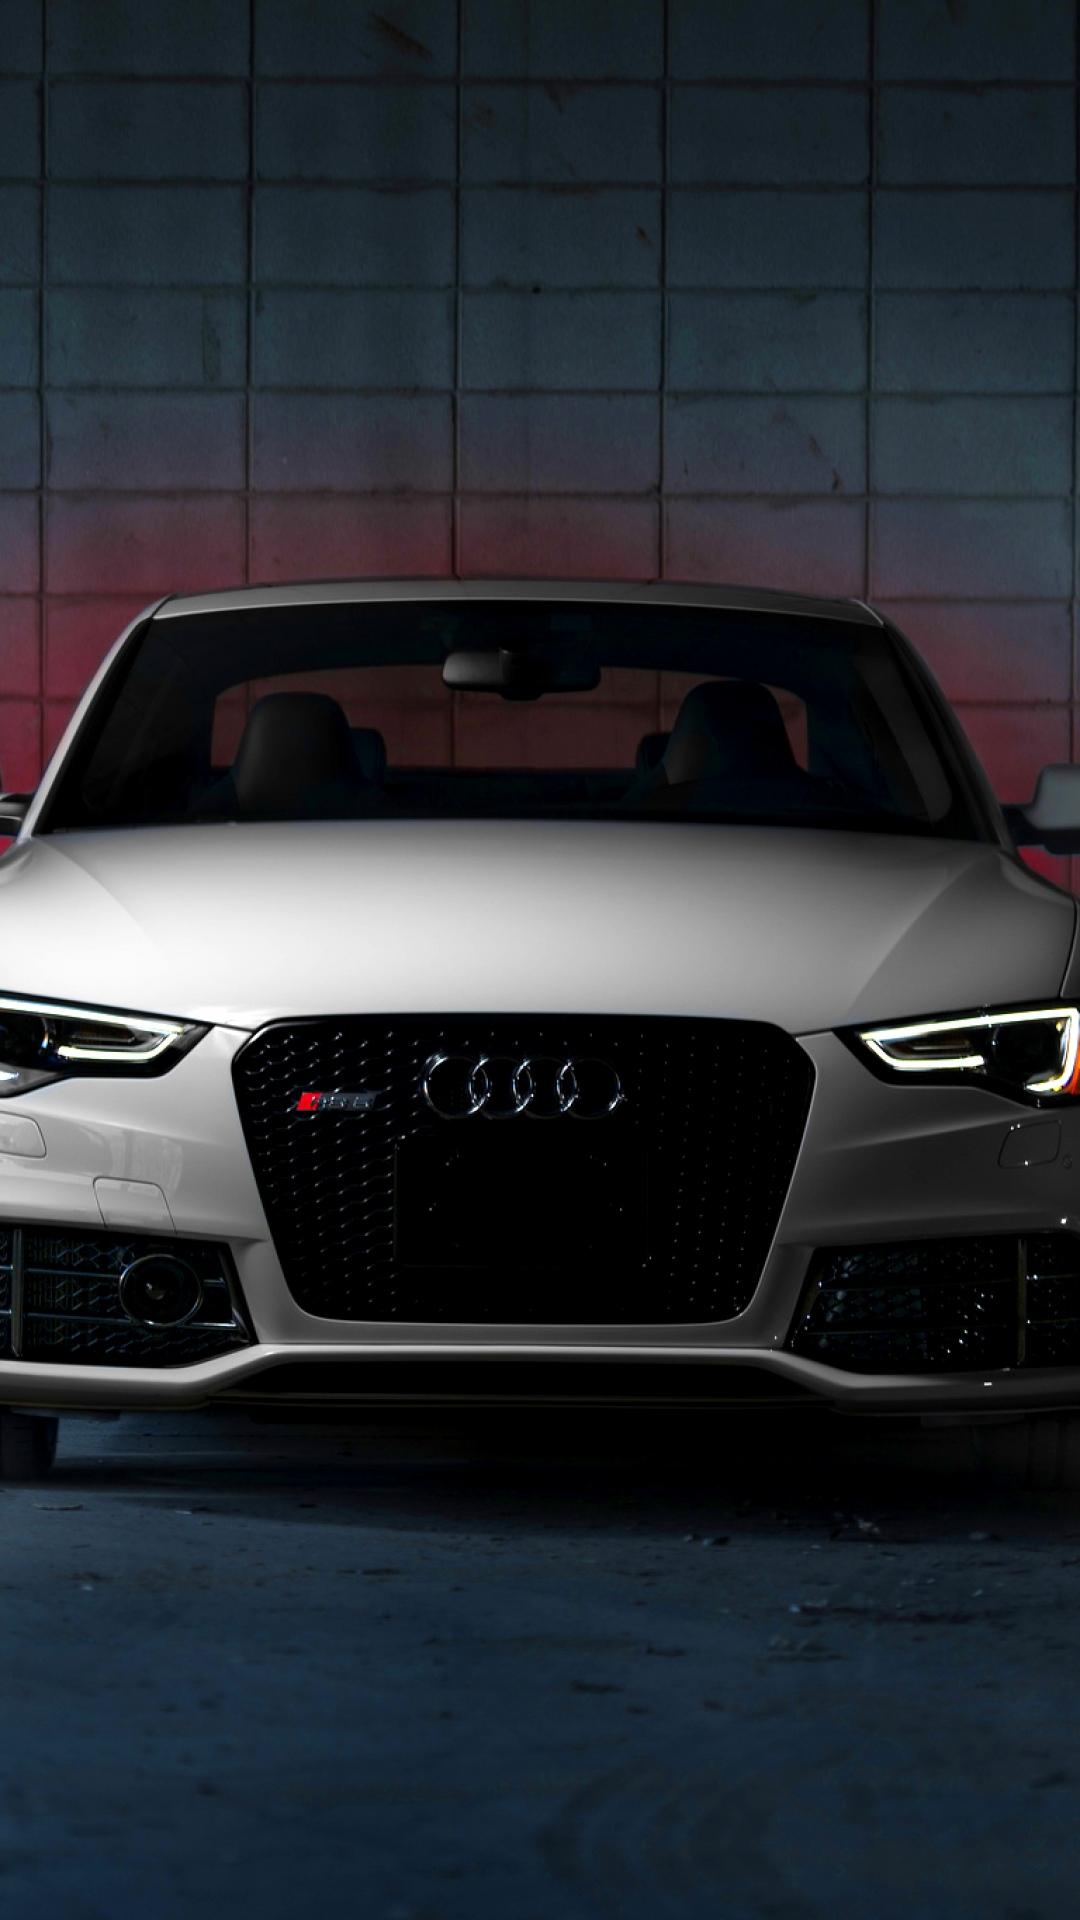 Bleach Wallpaper Hd Audi Iphone Wallpaper Hd Pixelstalk Net